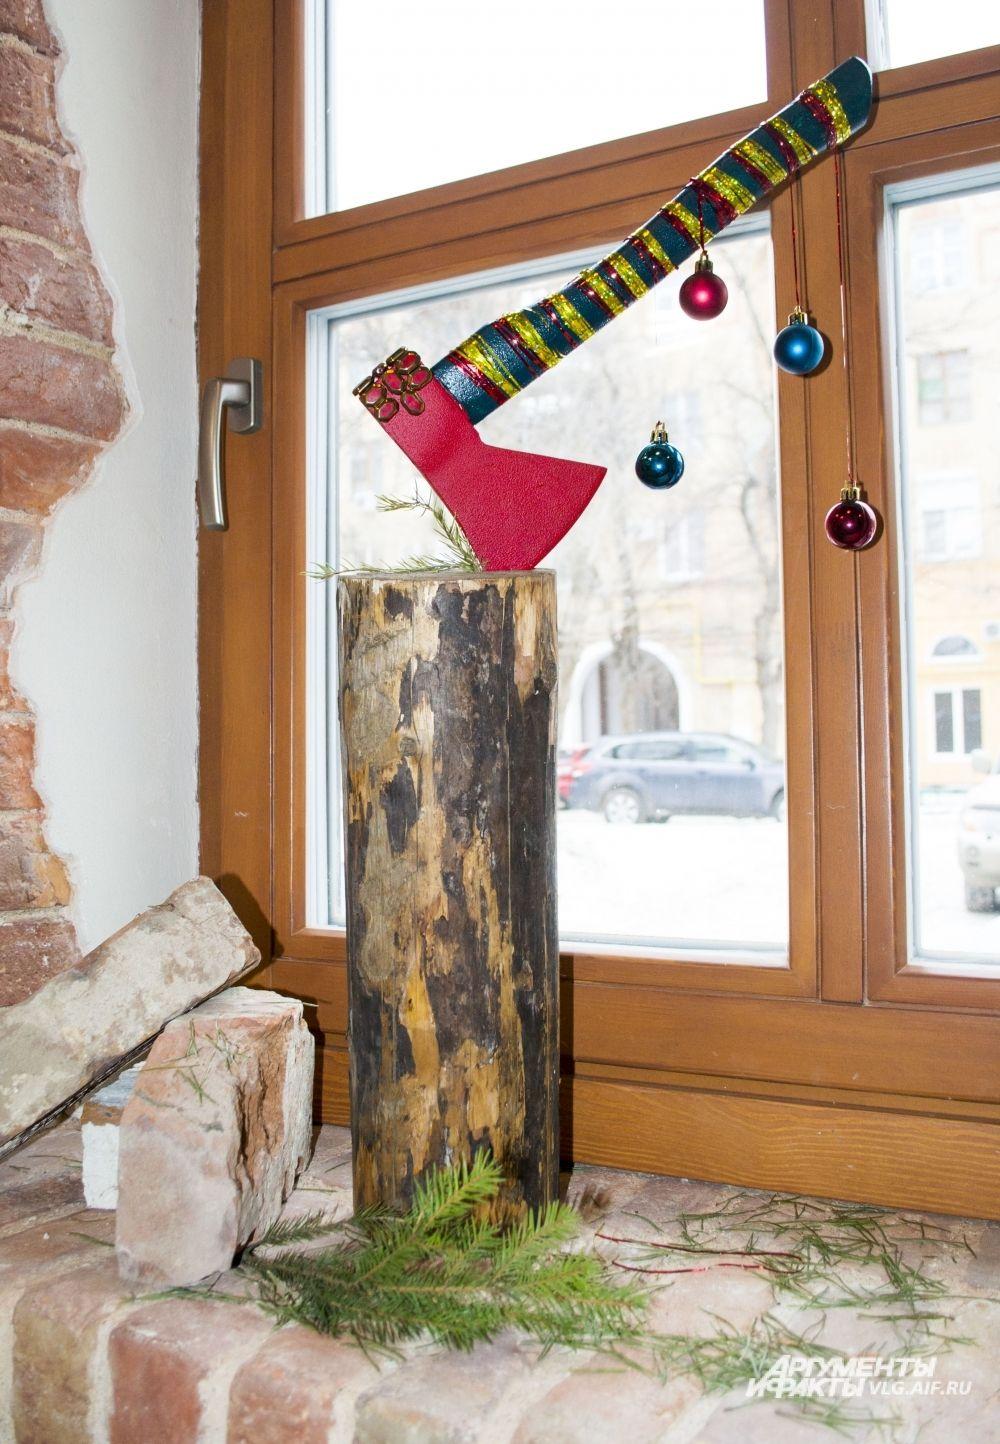 Елка «Гекатомба Праздника» команды «Без света». Авторы надеются, что созданная ими композиция заставит  по-новому взглянуть на традиции новогодних праздников и Рождества.